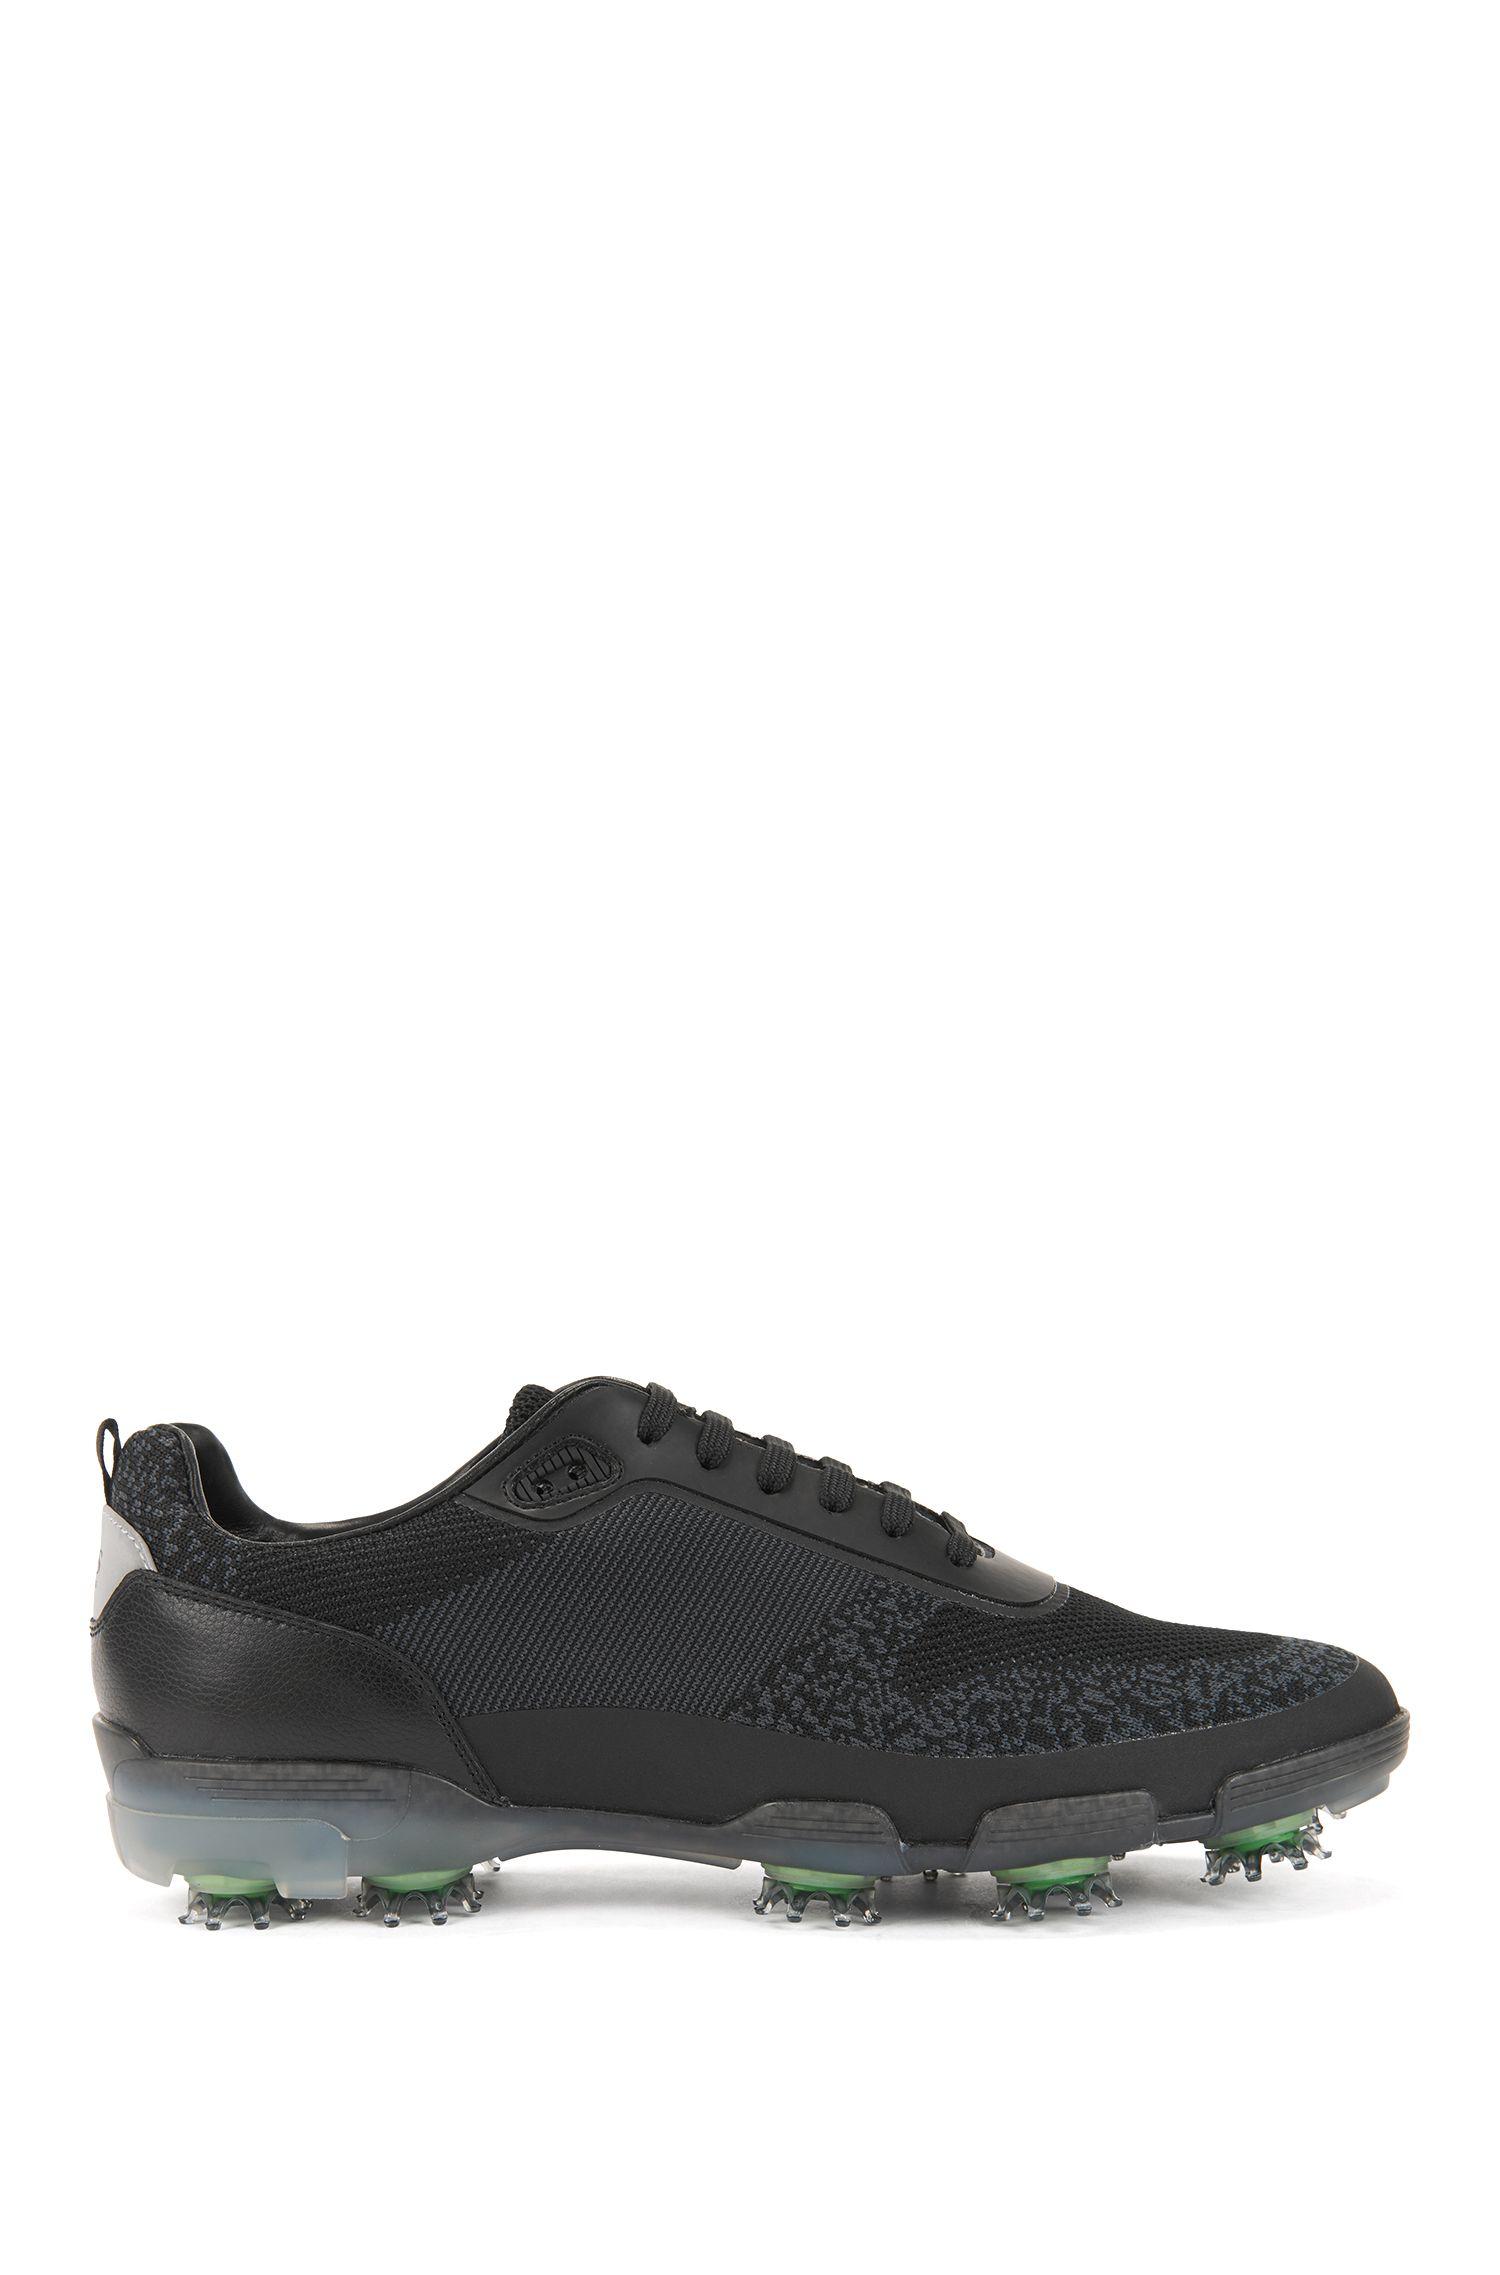 Chaussures de golf légères en maille jacquard imperméable